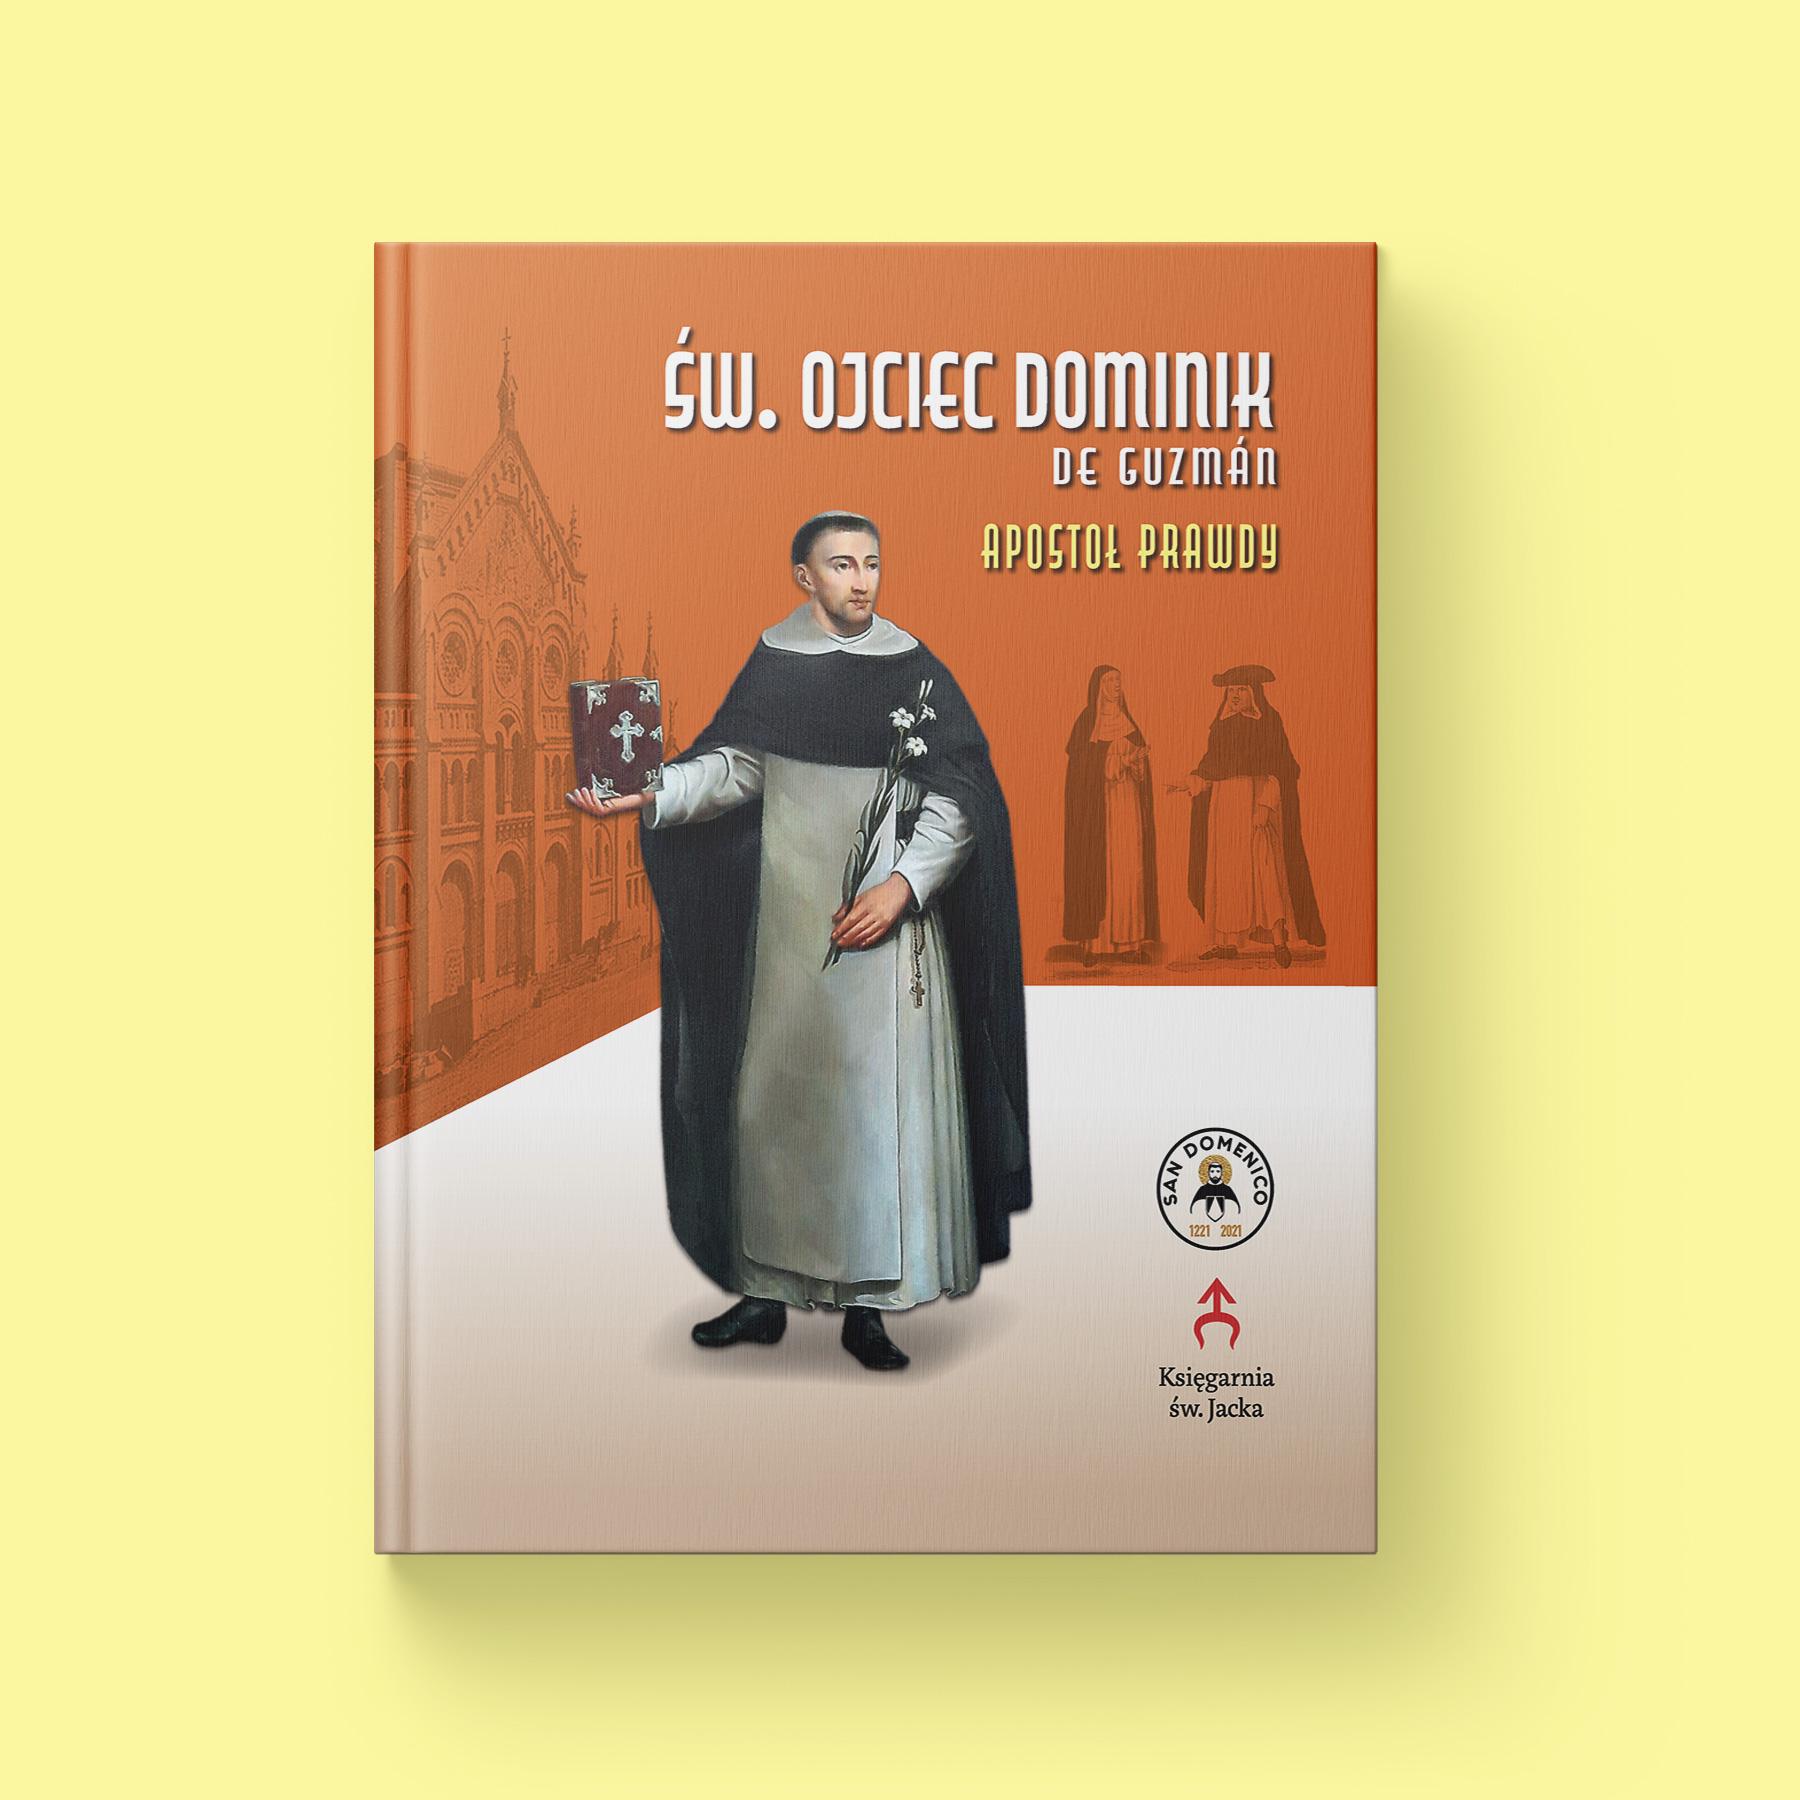 Święty Ojciec Dominik de Guzman – Apostoł Prawdy